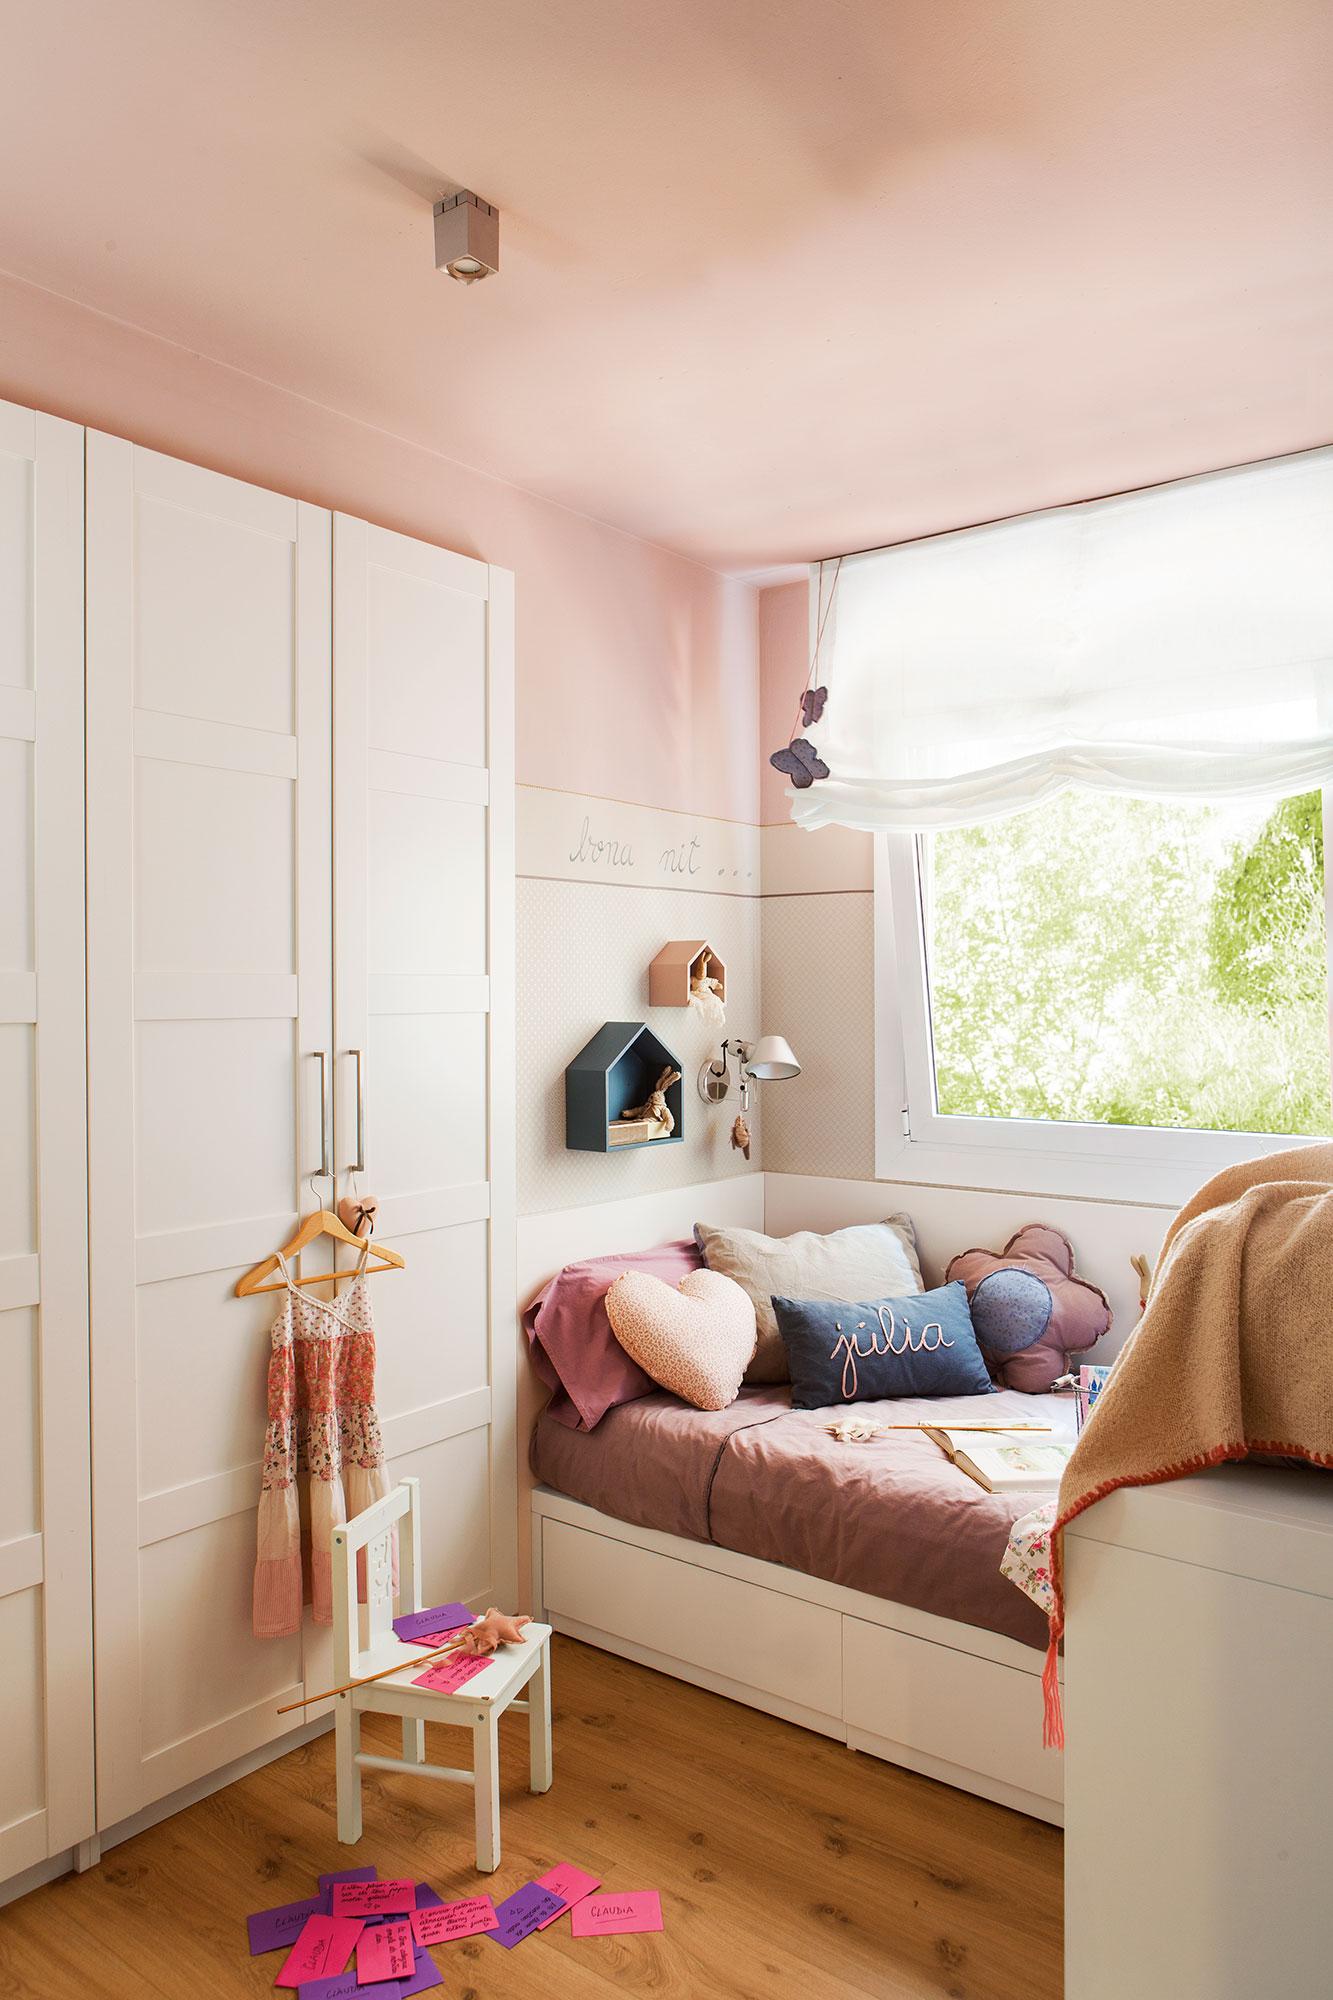 Cama bajo la ventana interesting det with cama bajo la - Armario bajo cama ...